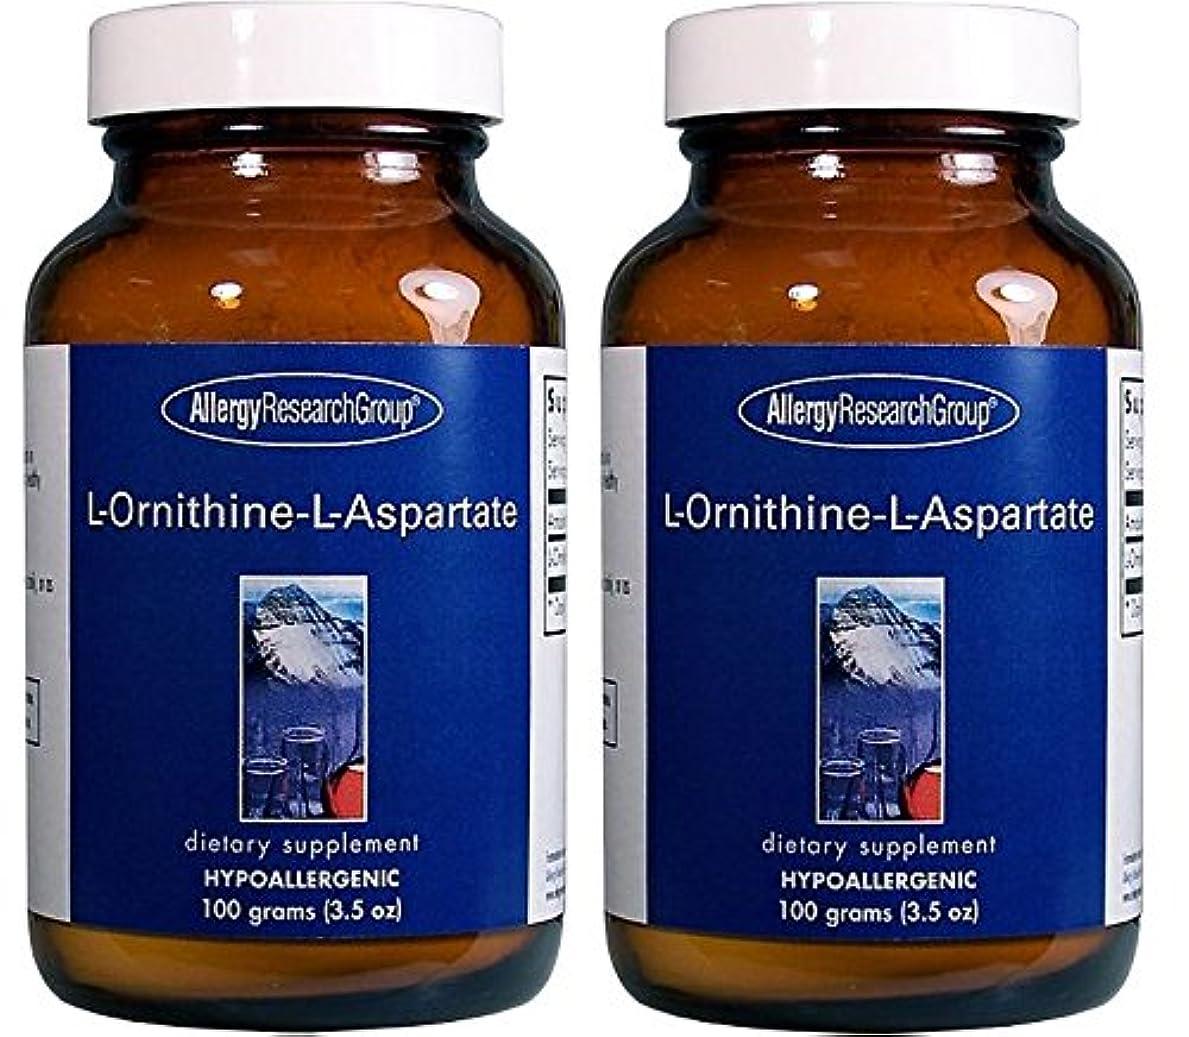 テレビ夫婦伝染性L-オルニチン-L-アスパラギン酸塩 (L-Ornithine-L-Aspartate 3.5 oz. (100 grams) ) [海外直送品] 2ボトル